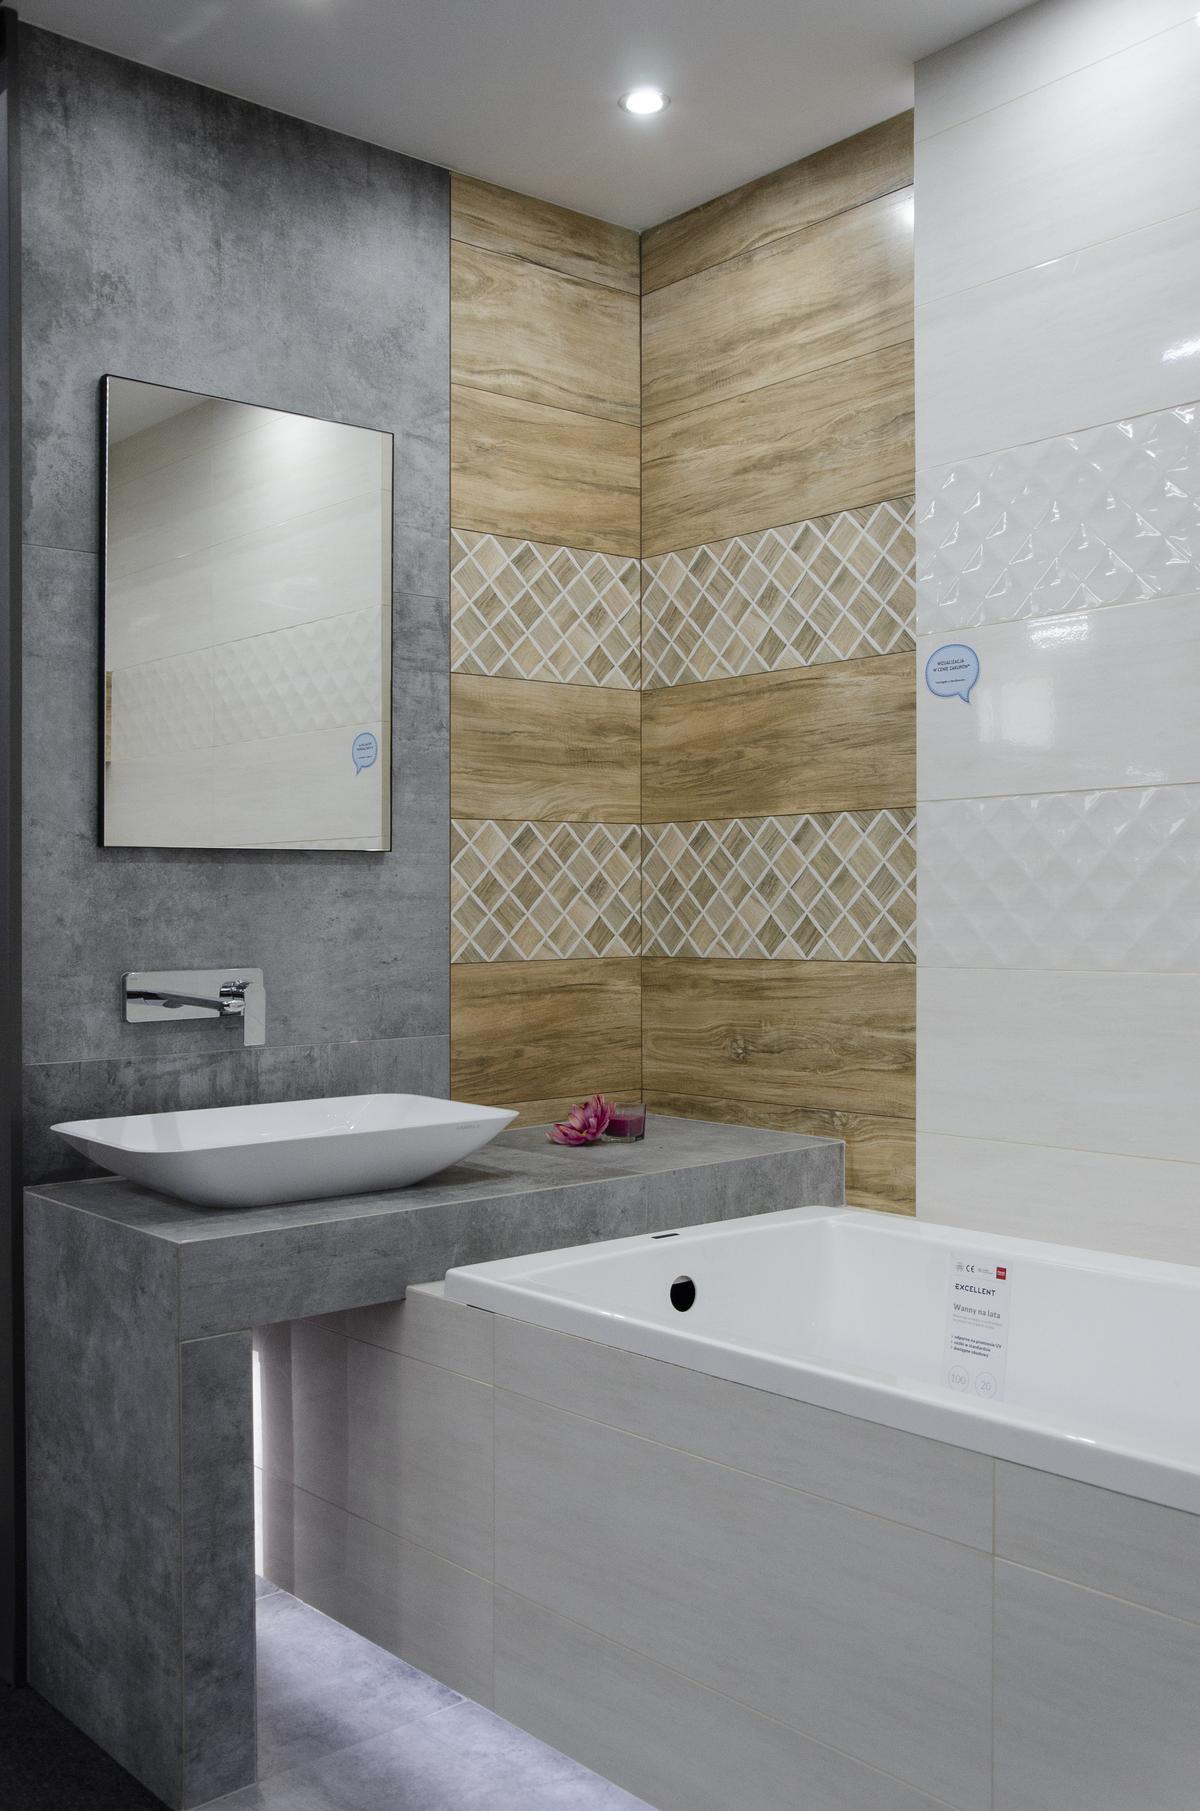 Nowoczesna łazienka z połączeniem wielu struktur - zdjęcie od BLU salon łazienek Skierniewice